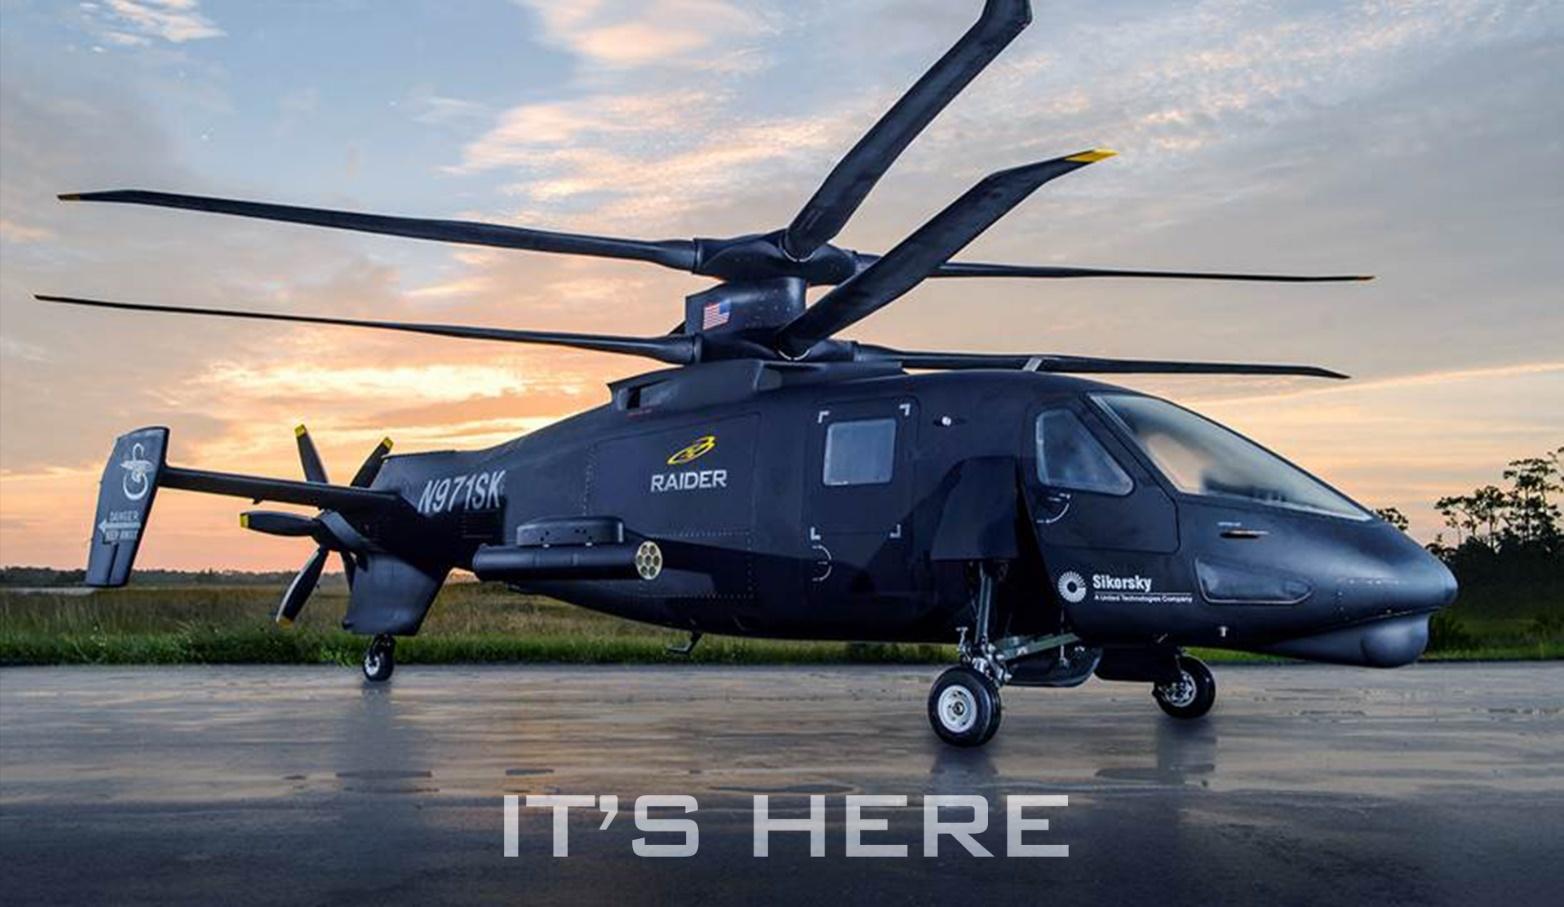 Будущее авиации. Перспективные проекты самолетов и вертолетов - 28